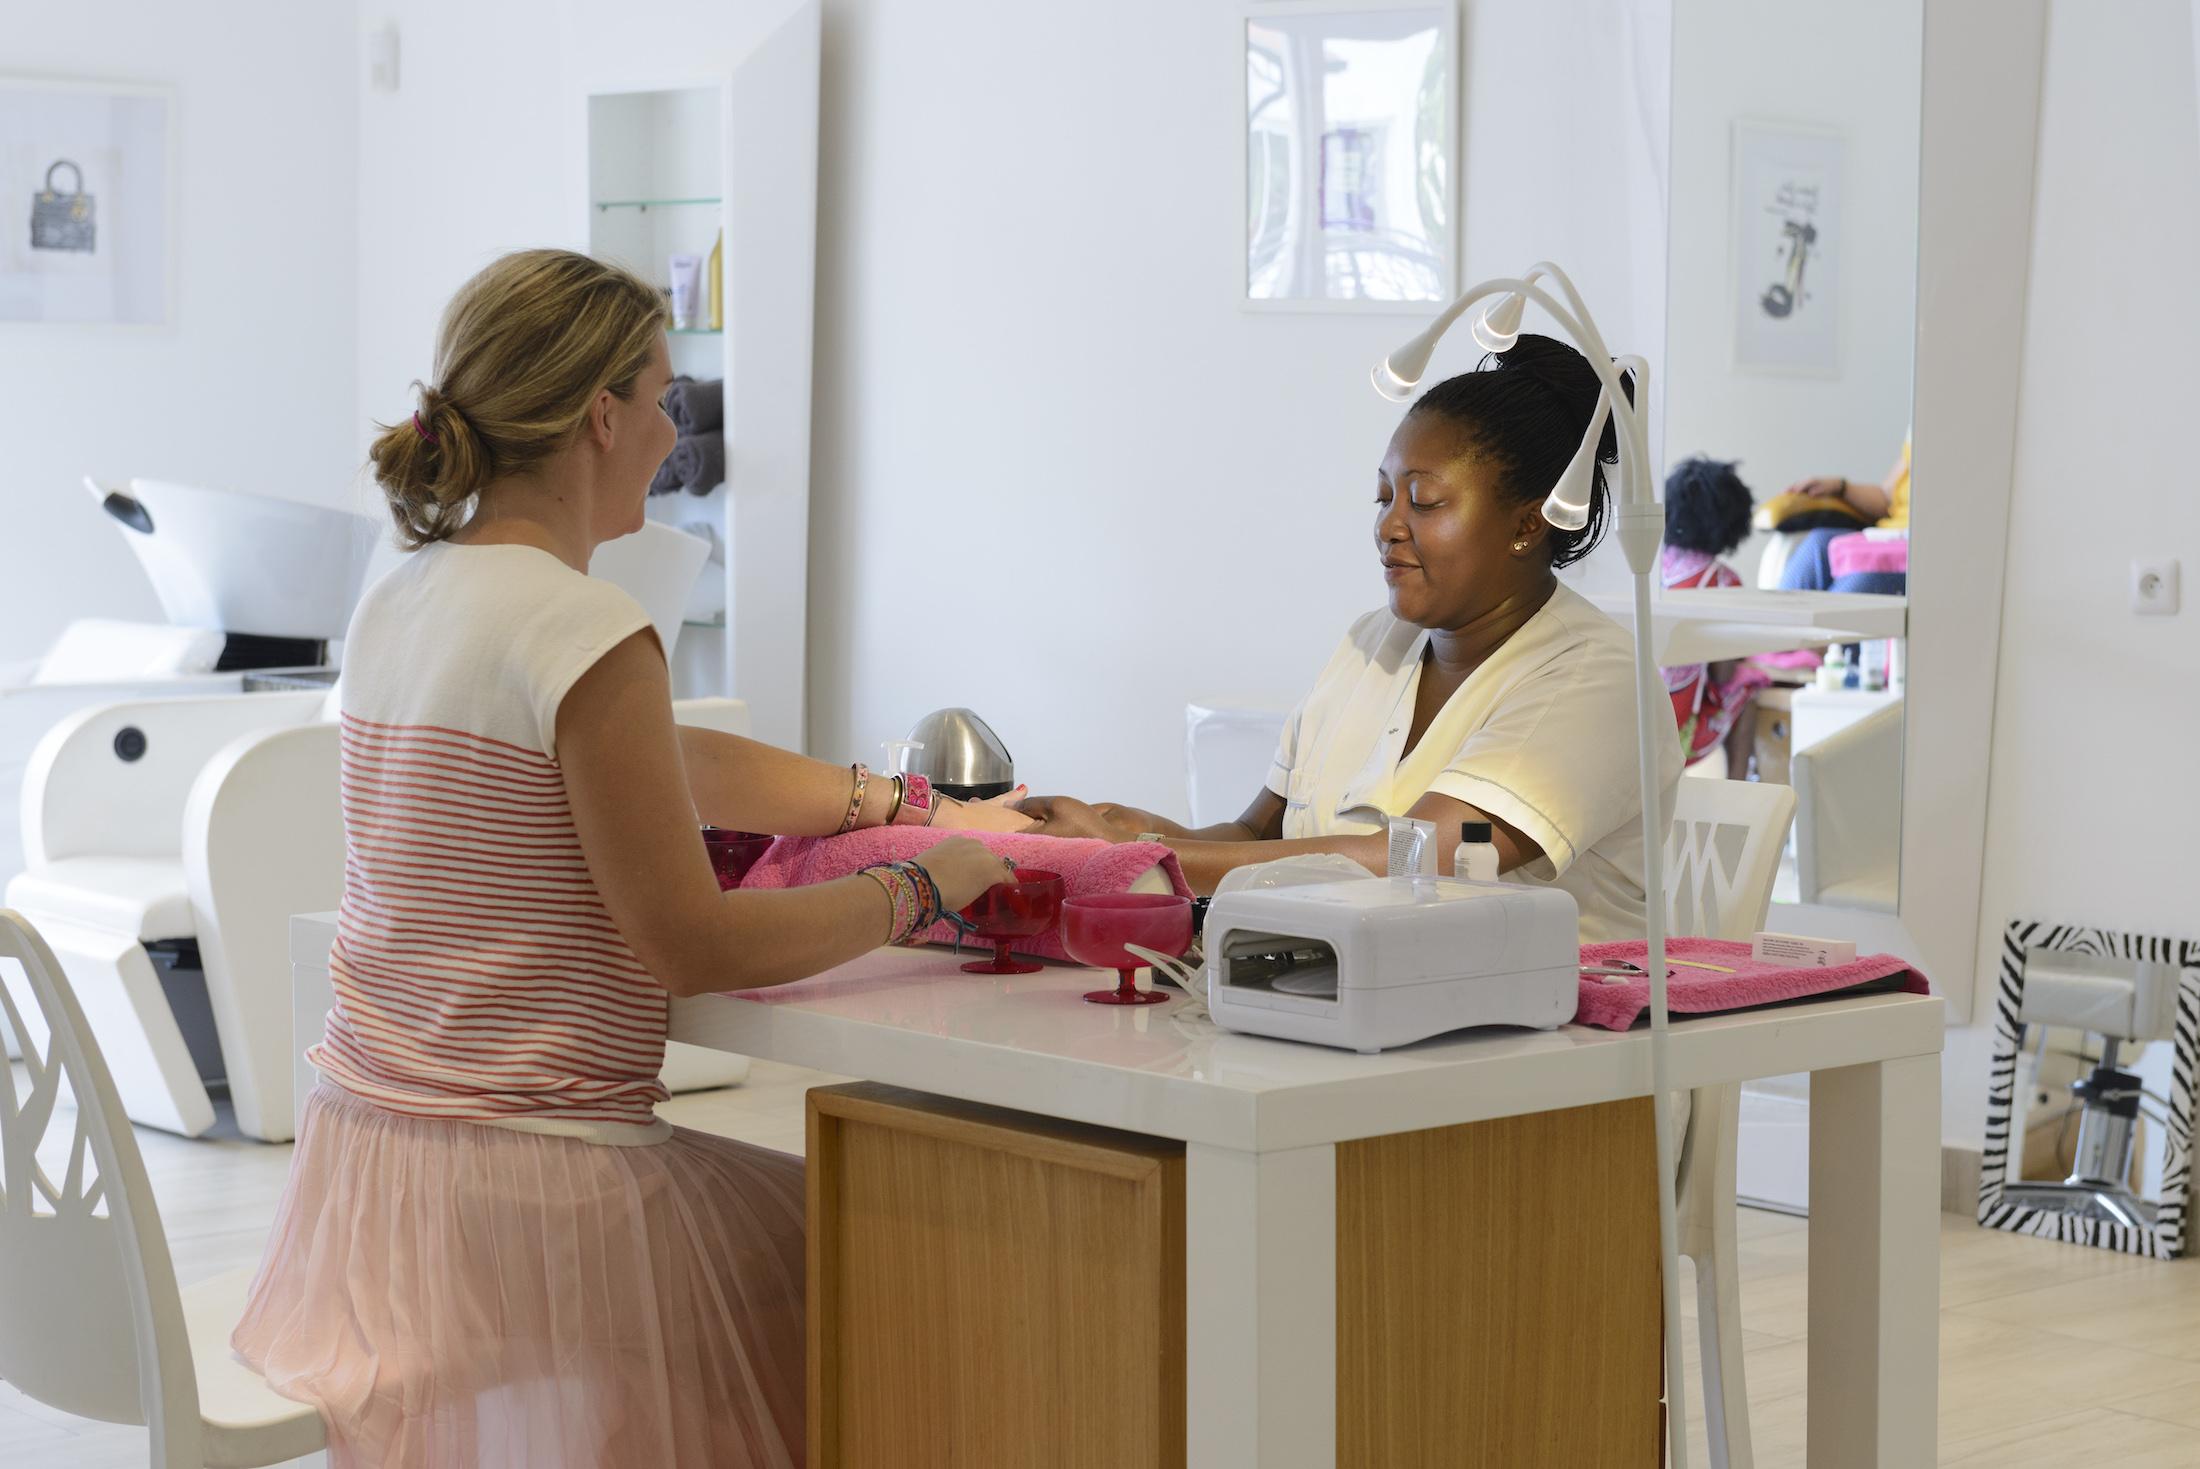 Manucure et pédicure Eden Wellness Hotel du Parc Port-Gentil Gabon